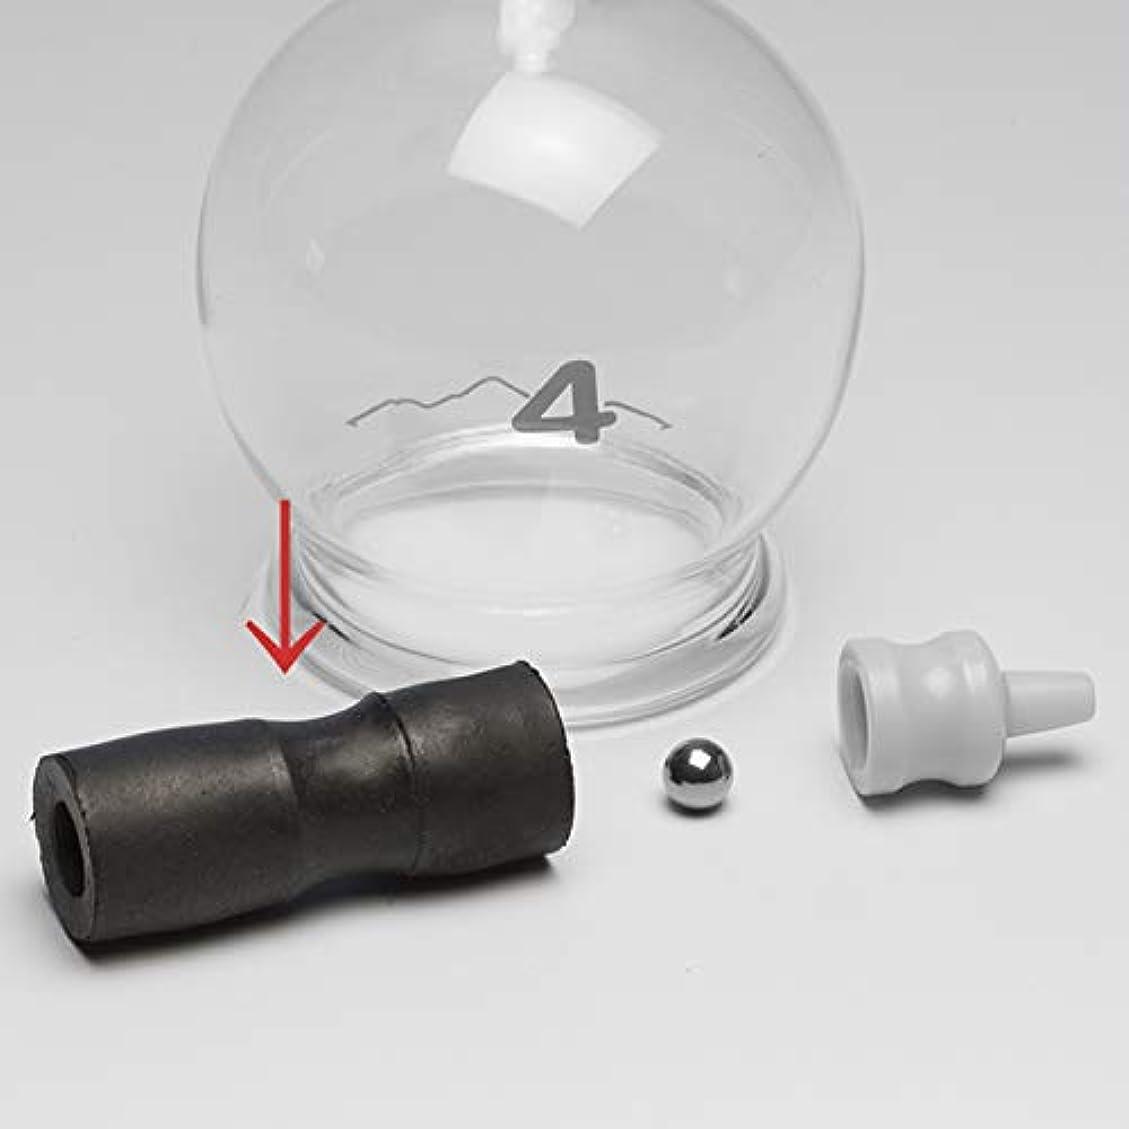 暫定名前でインスタンス霧島ガラス玉(電動吸い玉機器用吸着具)用黒ゴム弁(ゴムのみ)|吸灸